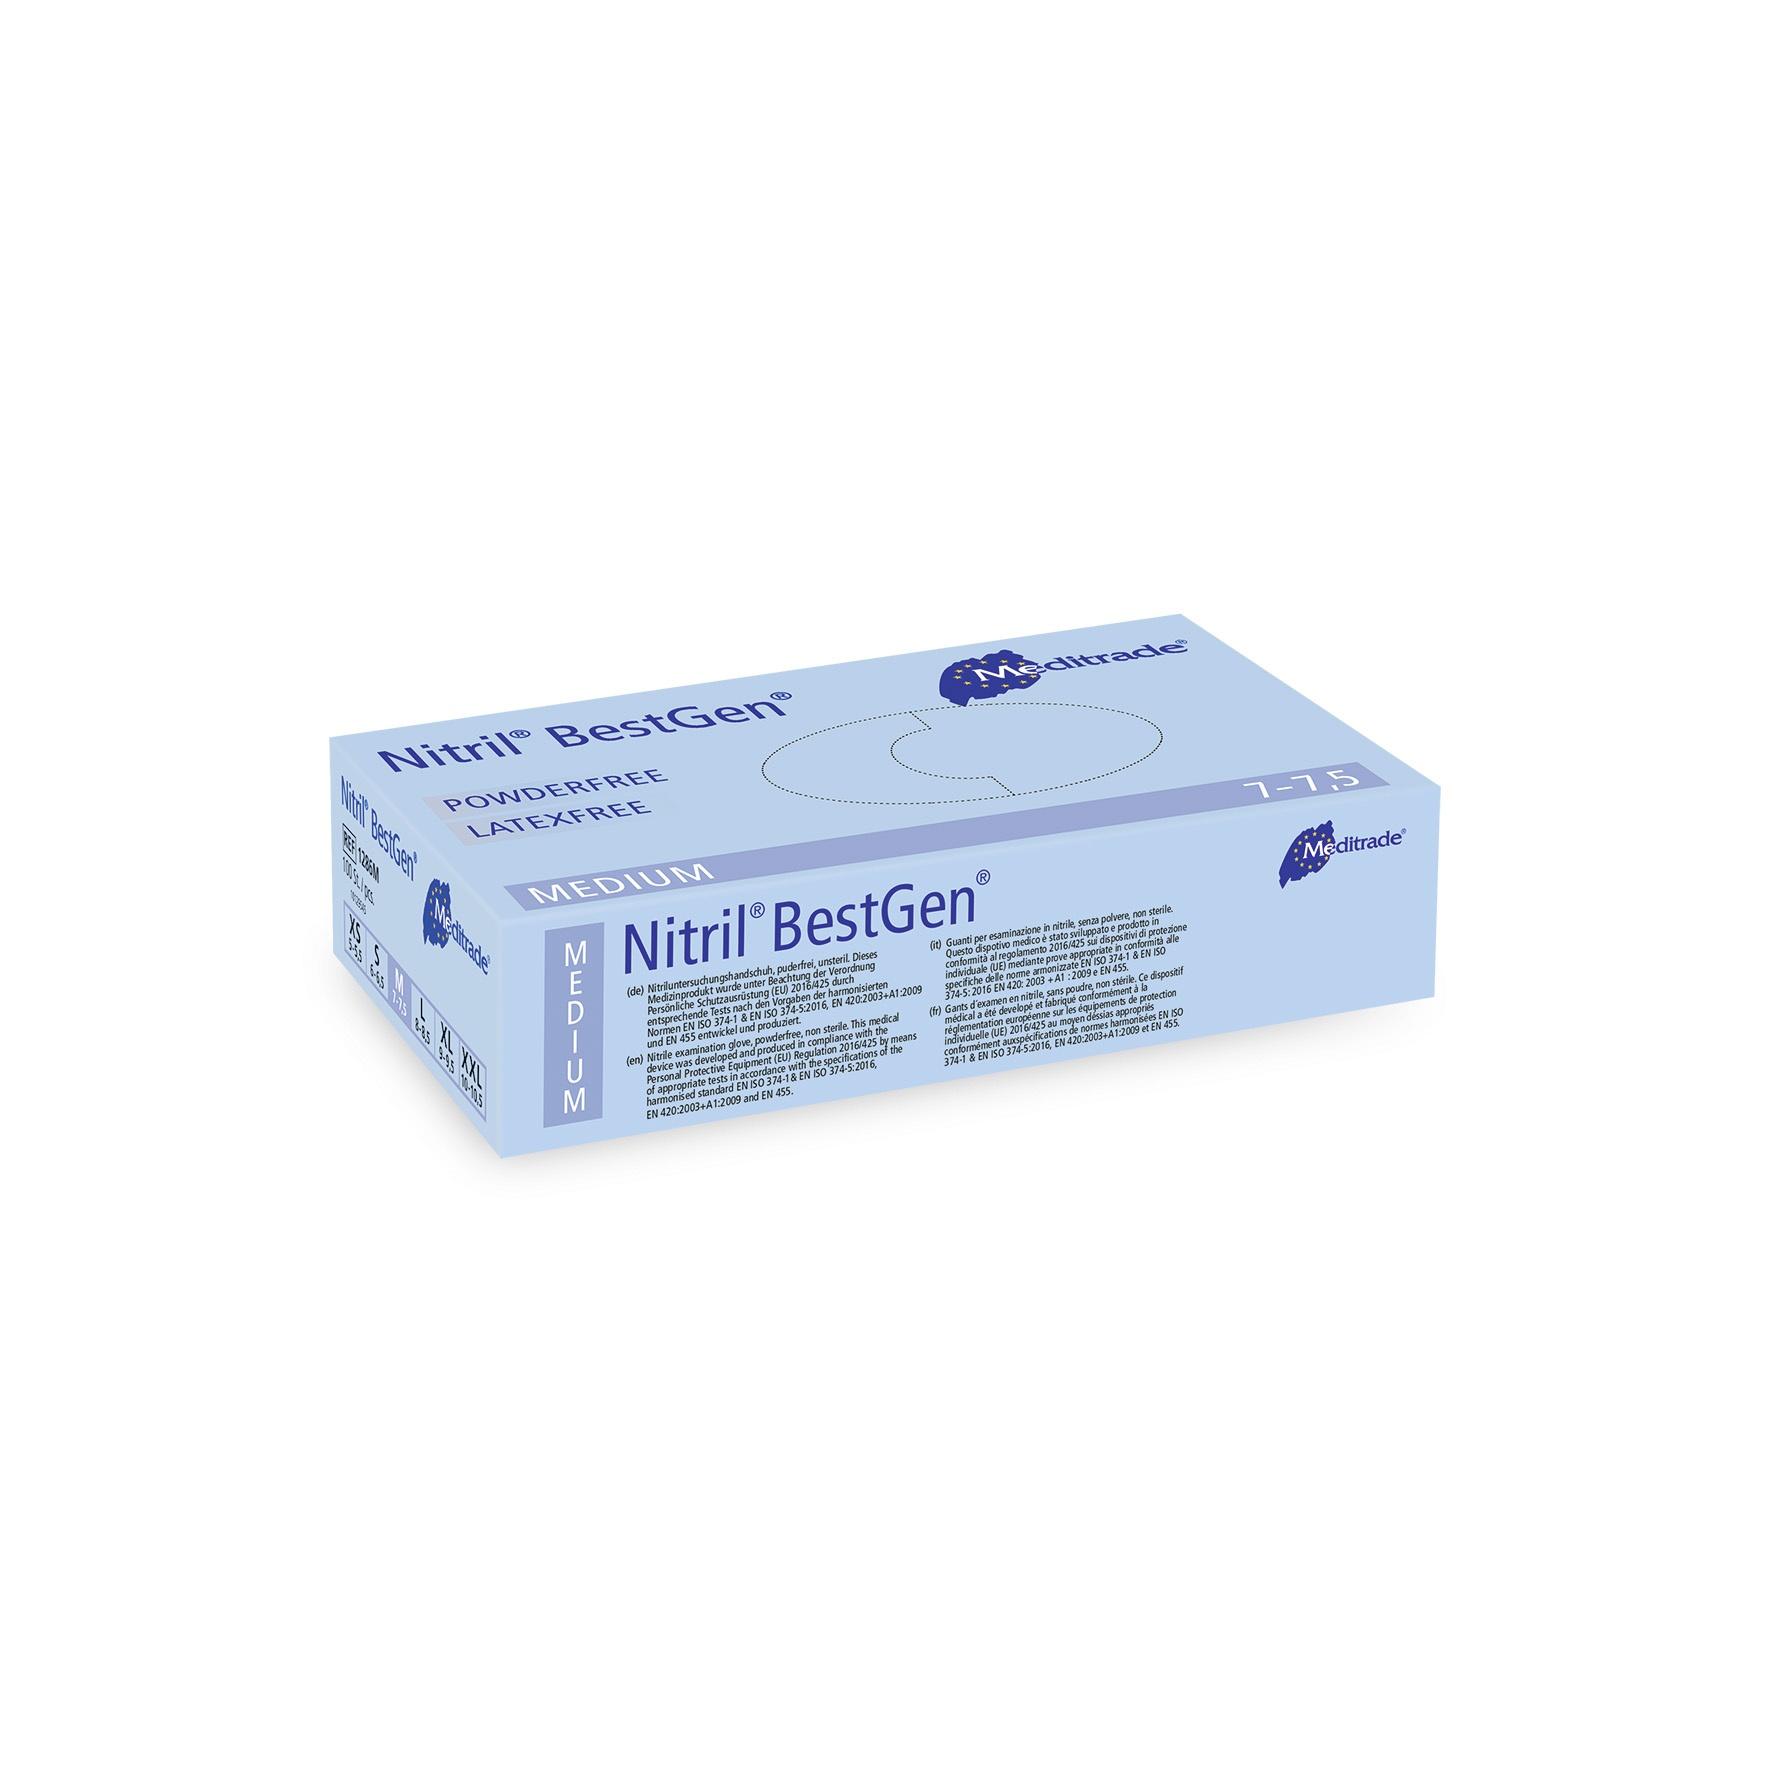 Nitril BestGen Untersuchungs- und Schutzhandschuh